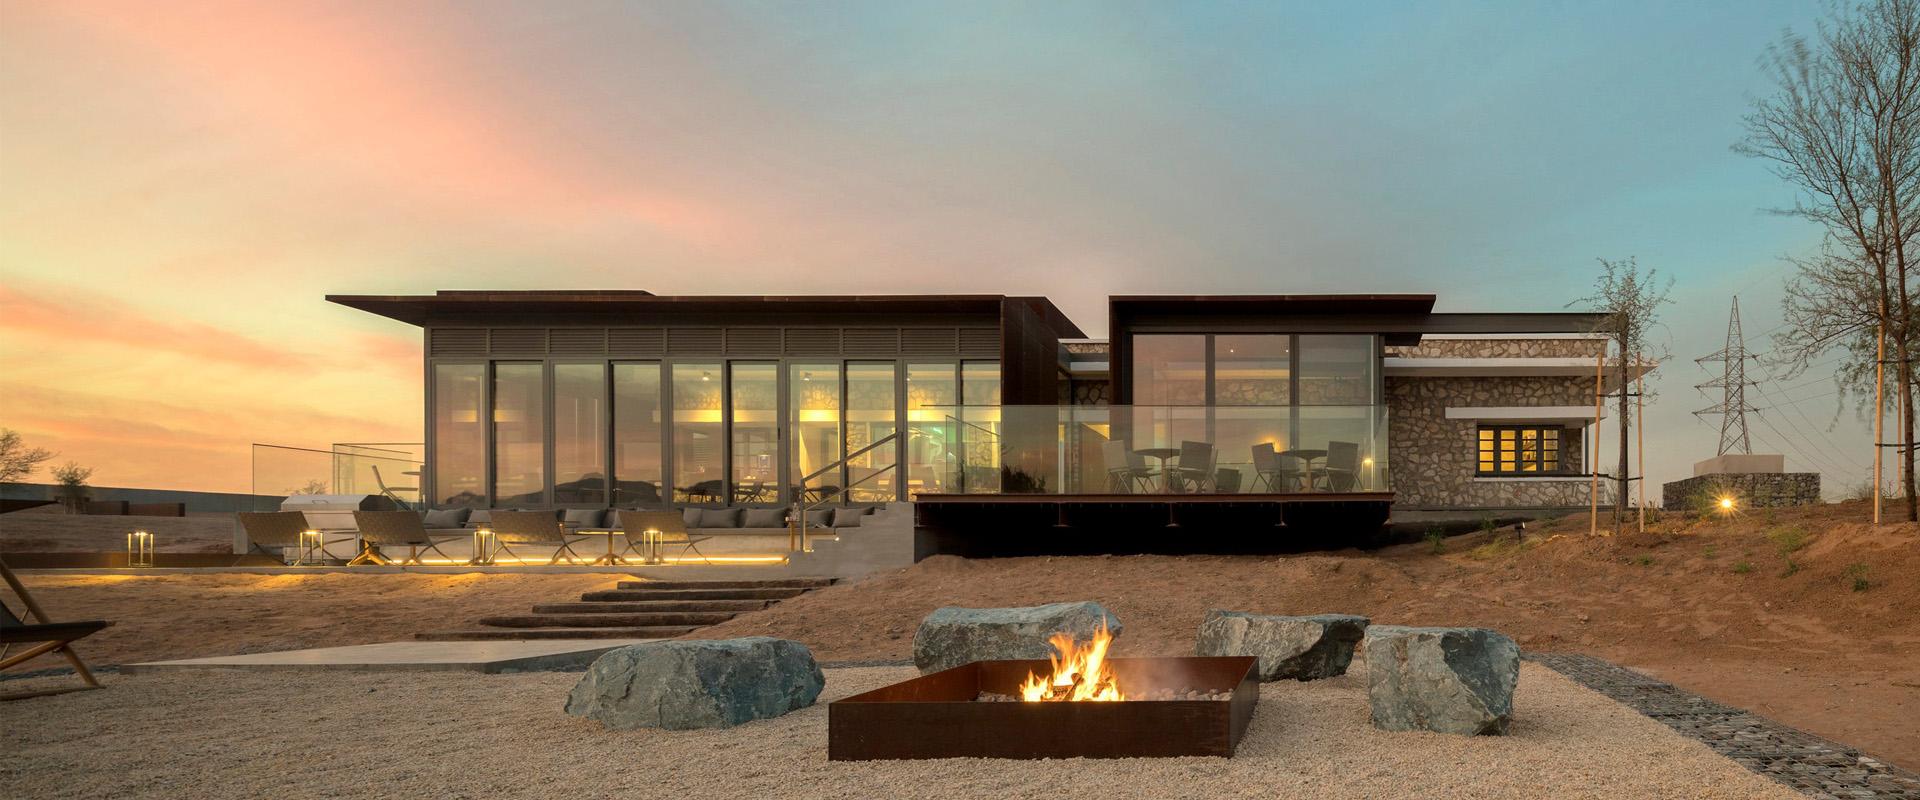 designing-services-desert-landscape